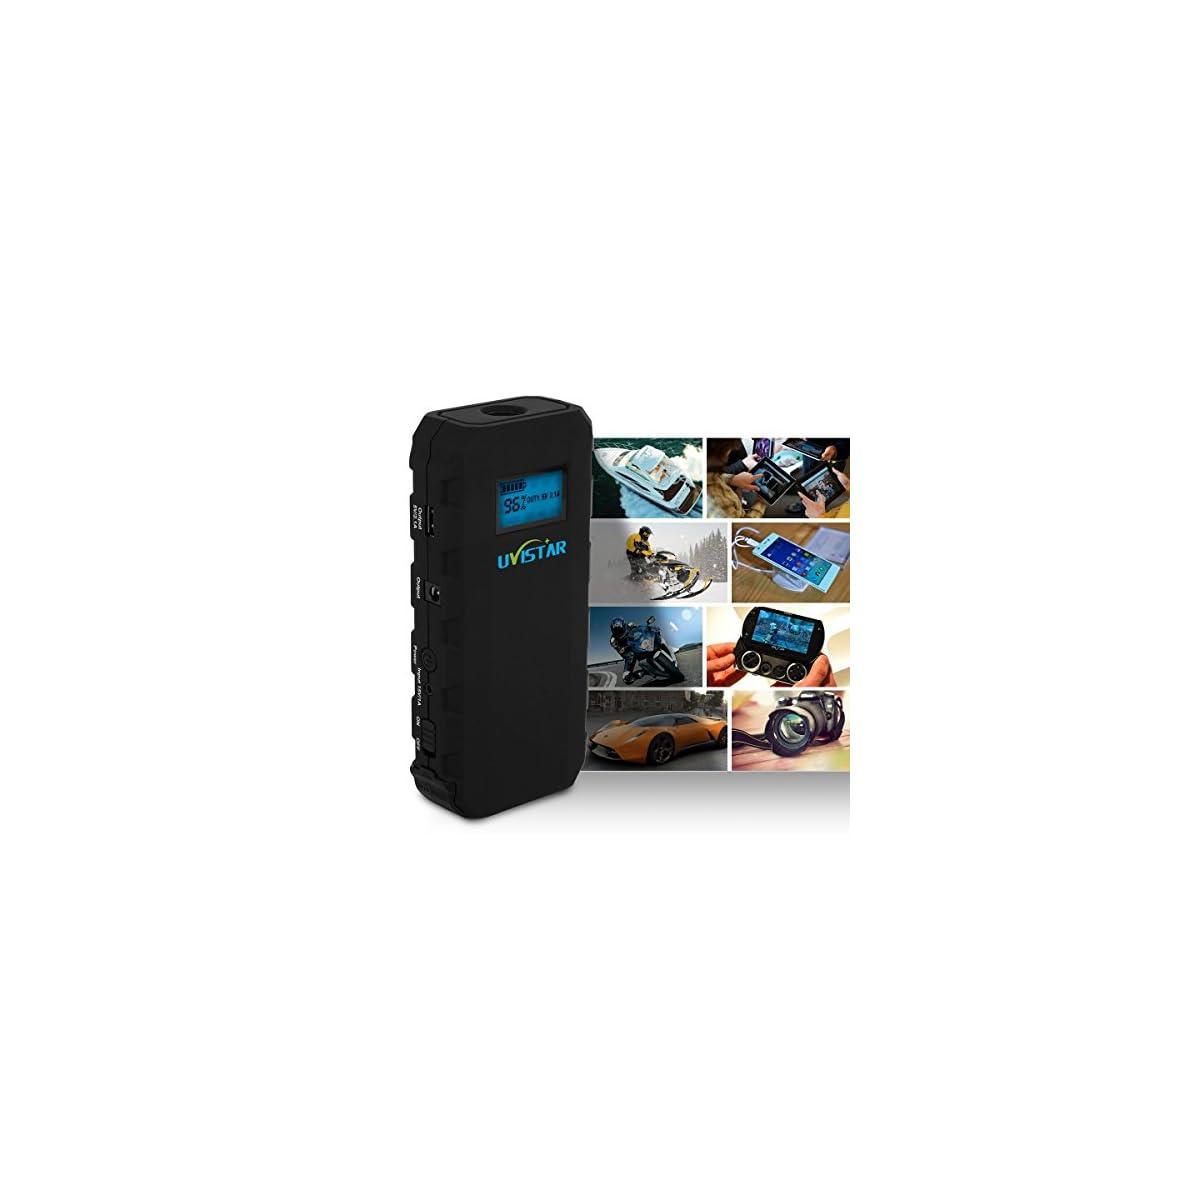 51pY5aO%2BseL. SS1200  - Uvistare Jump Starter Batería Arrancador de Coche con la Antorcha del LED (500A, 12000mAh, Diseño Delgado, Ultra Slim, Portátil, Batería Externa, Pantalla LCD) para la Tableta del Teléfono y ect